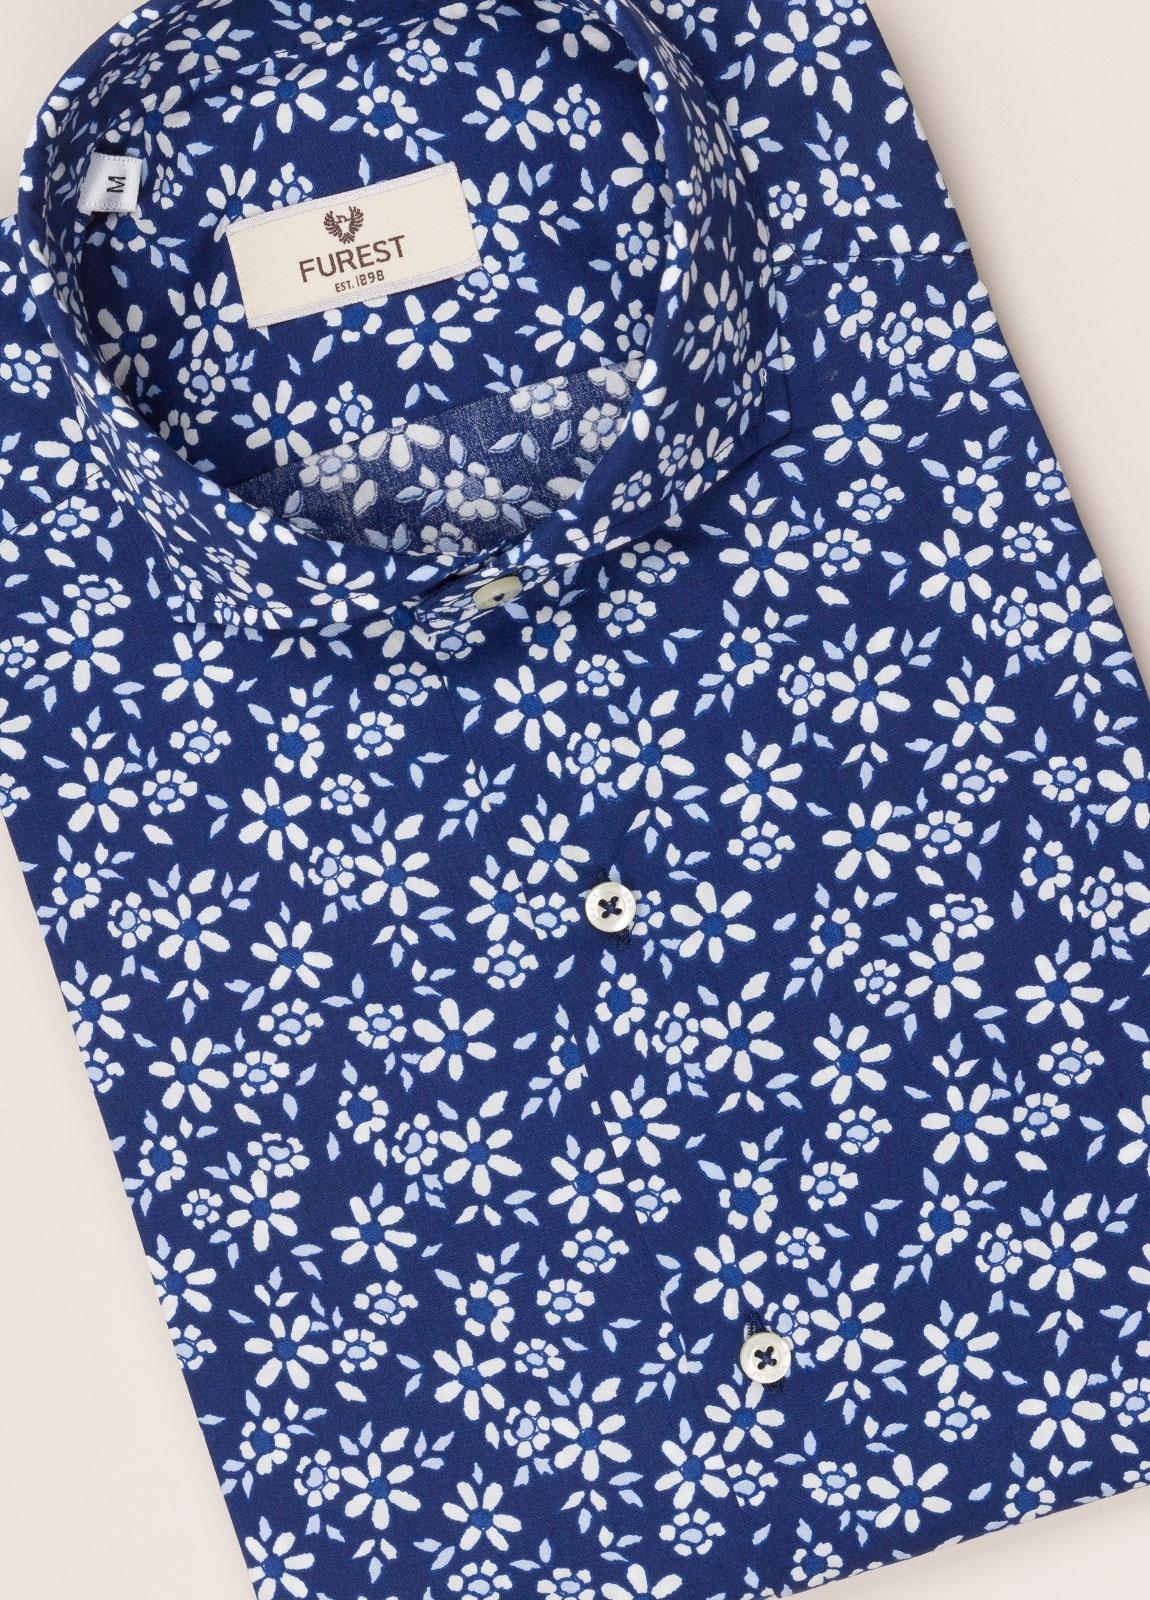 Camisa sport FUREST COLECCIÓN slim fit flores. - Ítem2